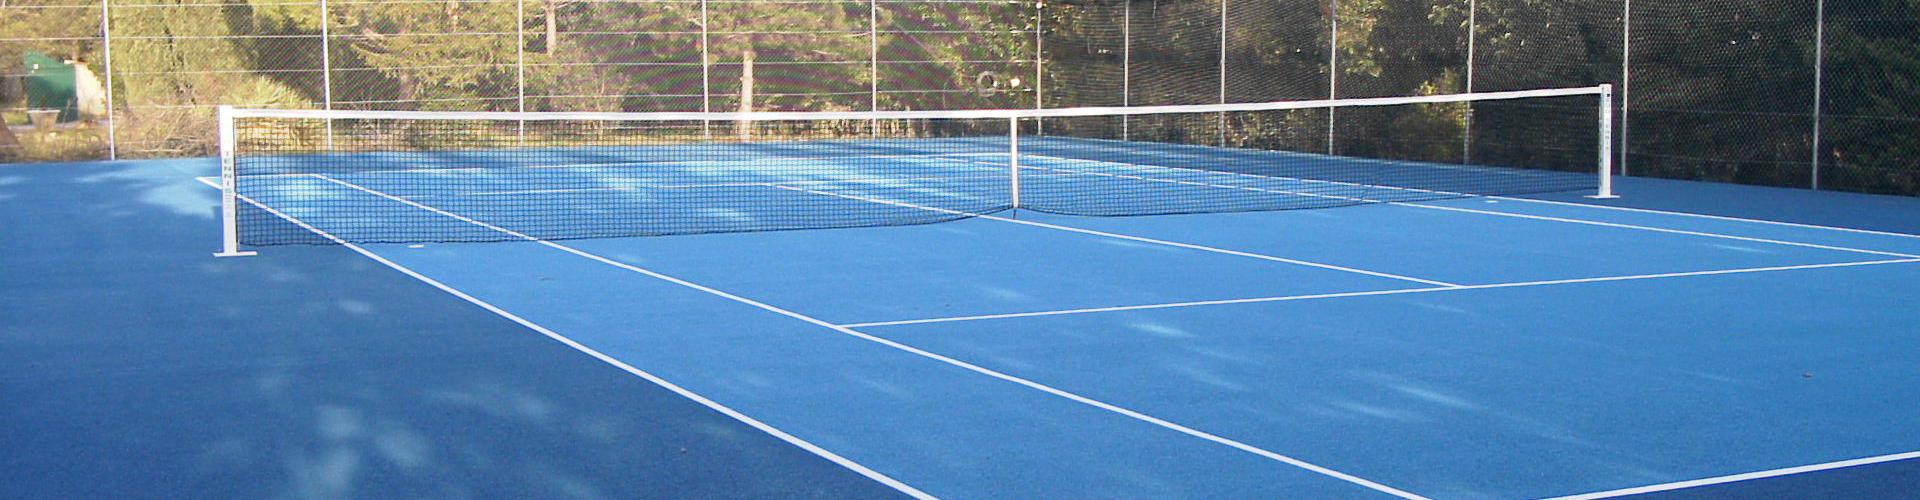 Tennis en Béton poreux